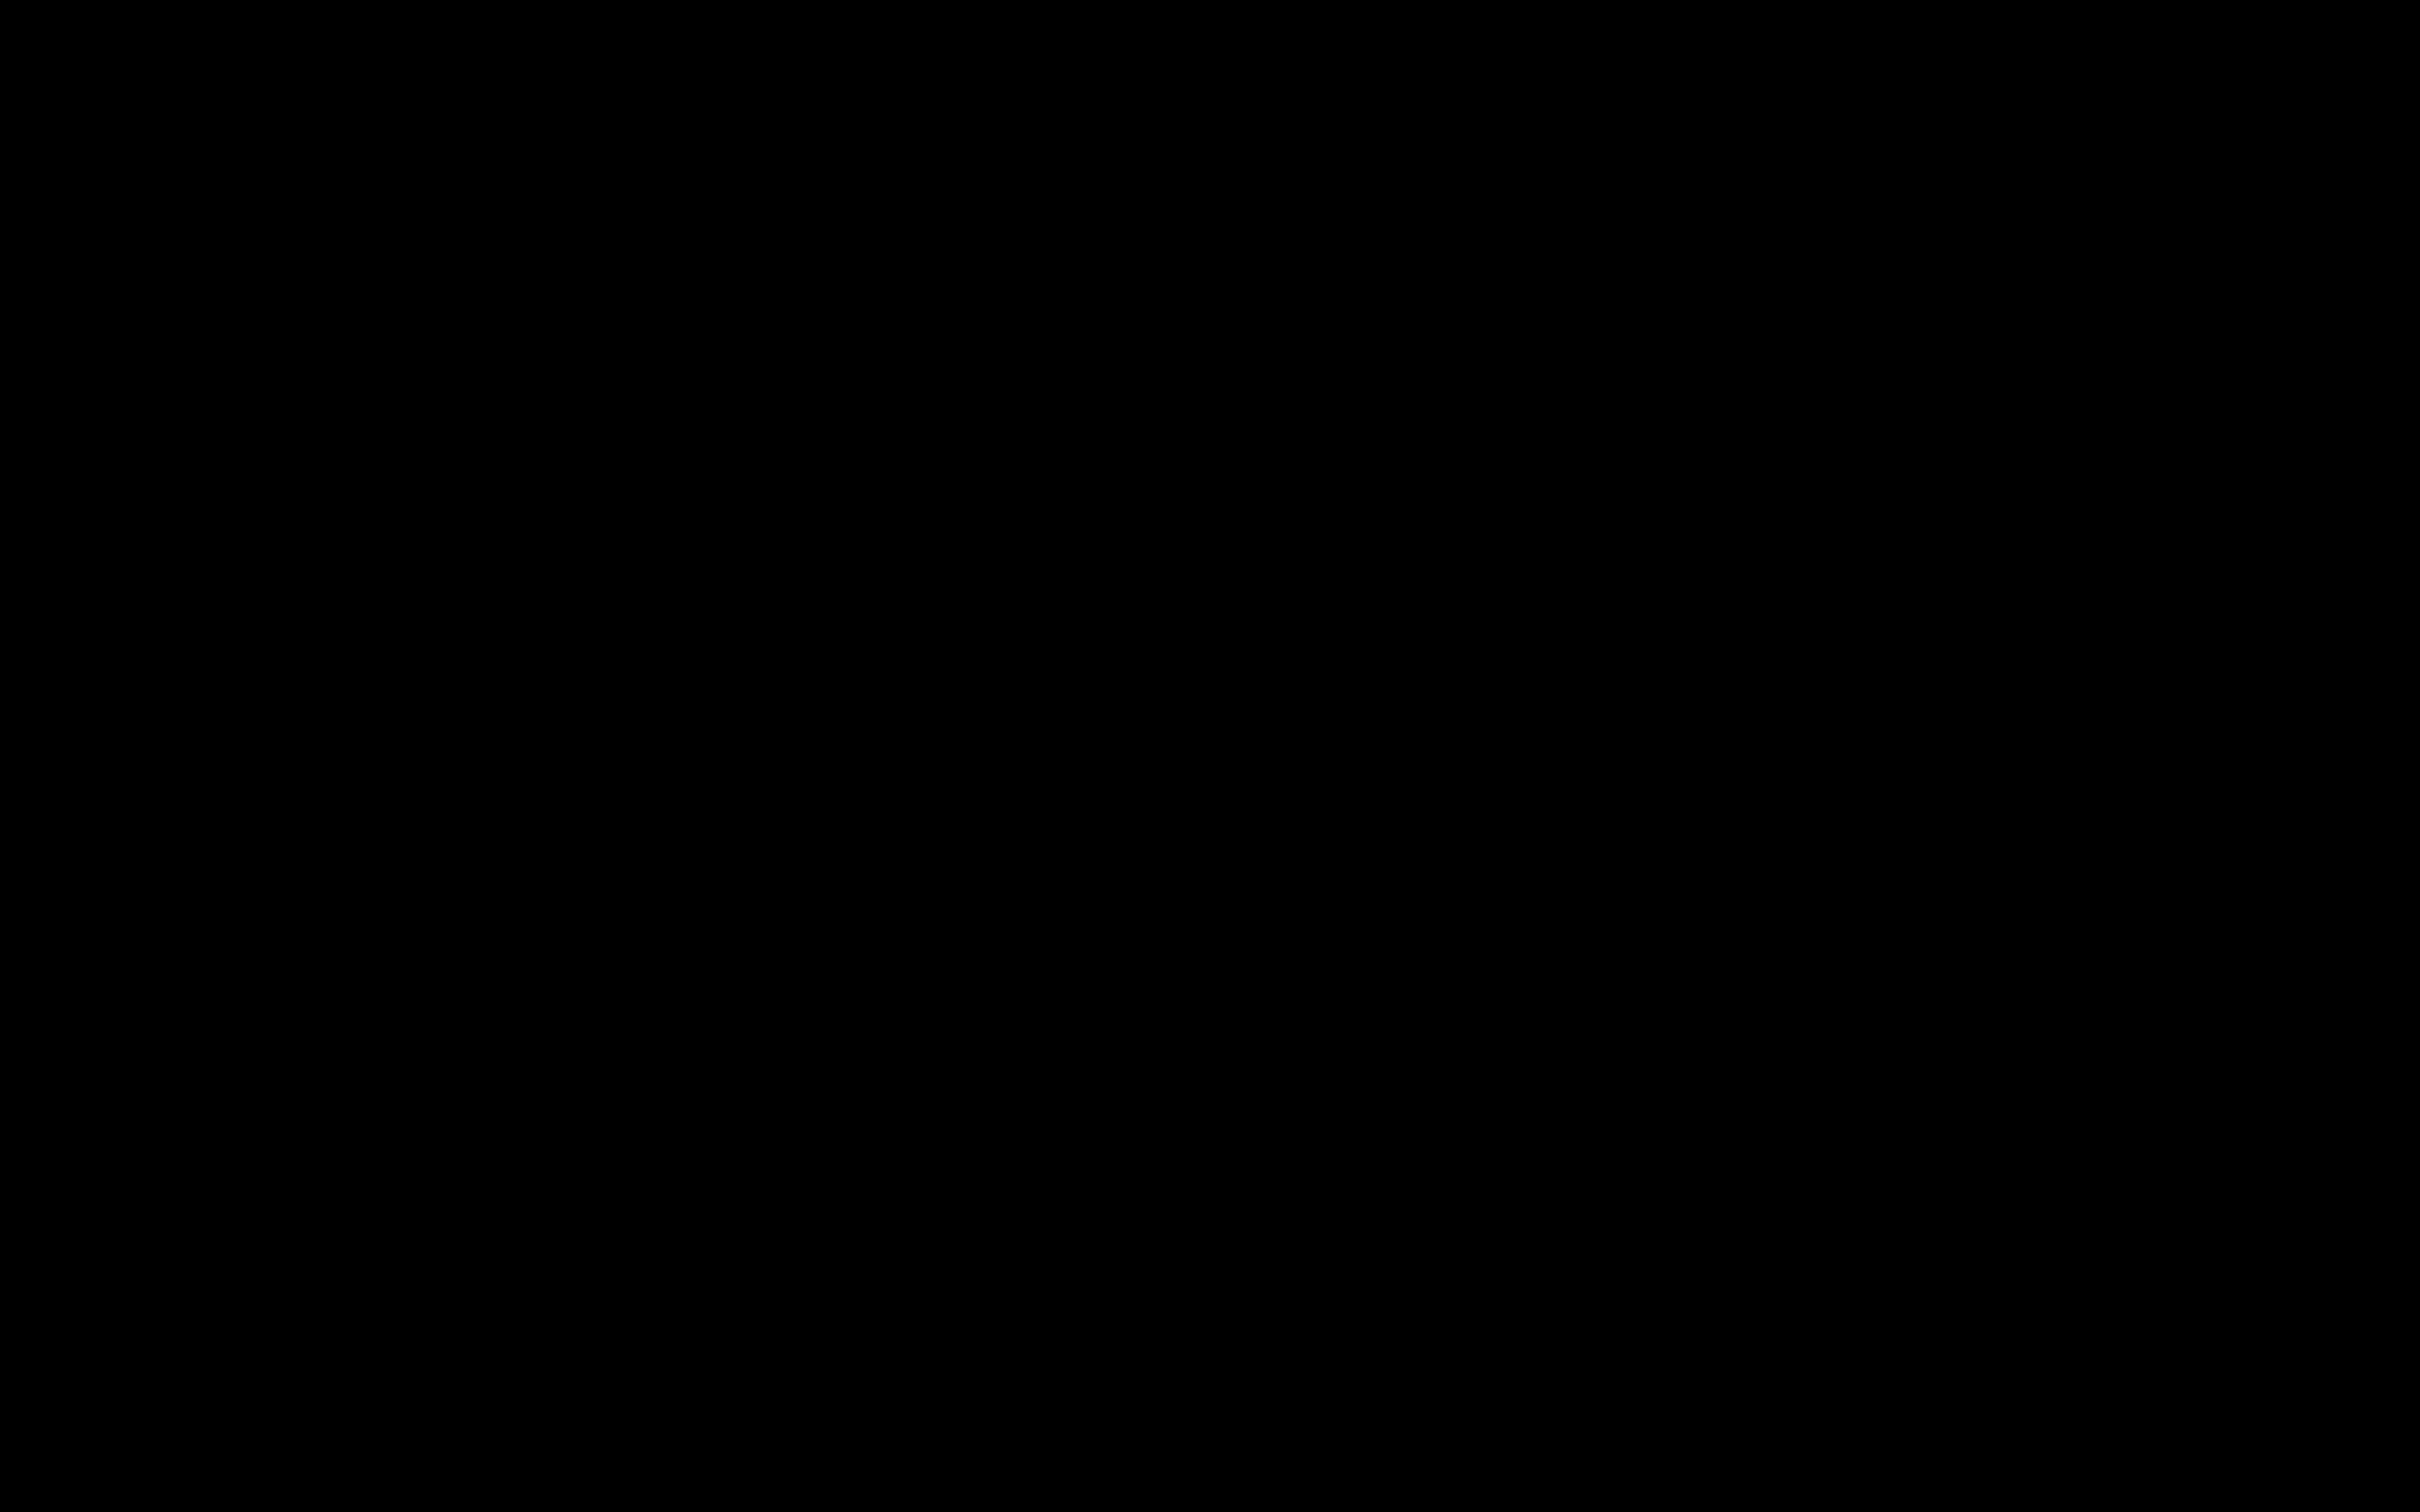 Обои белые ирисы 2560x1600